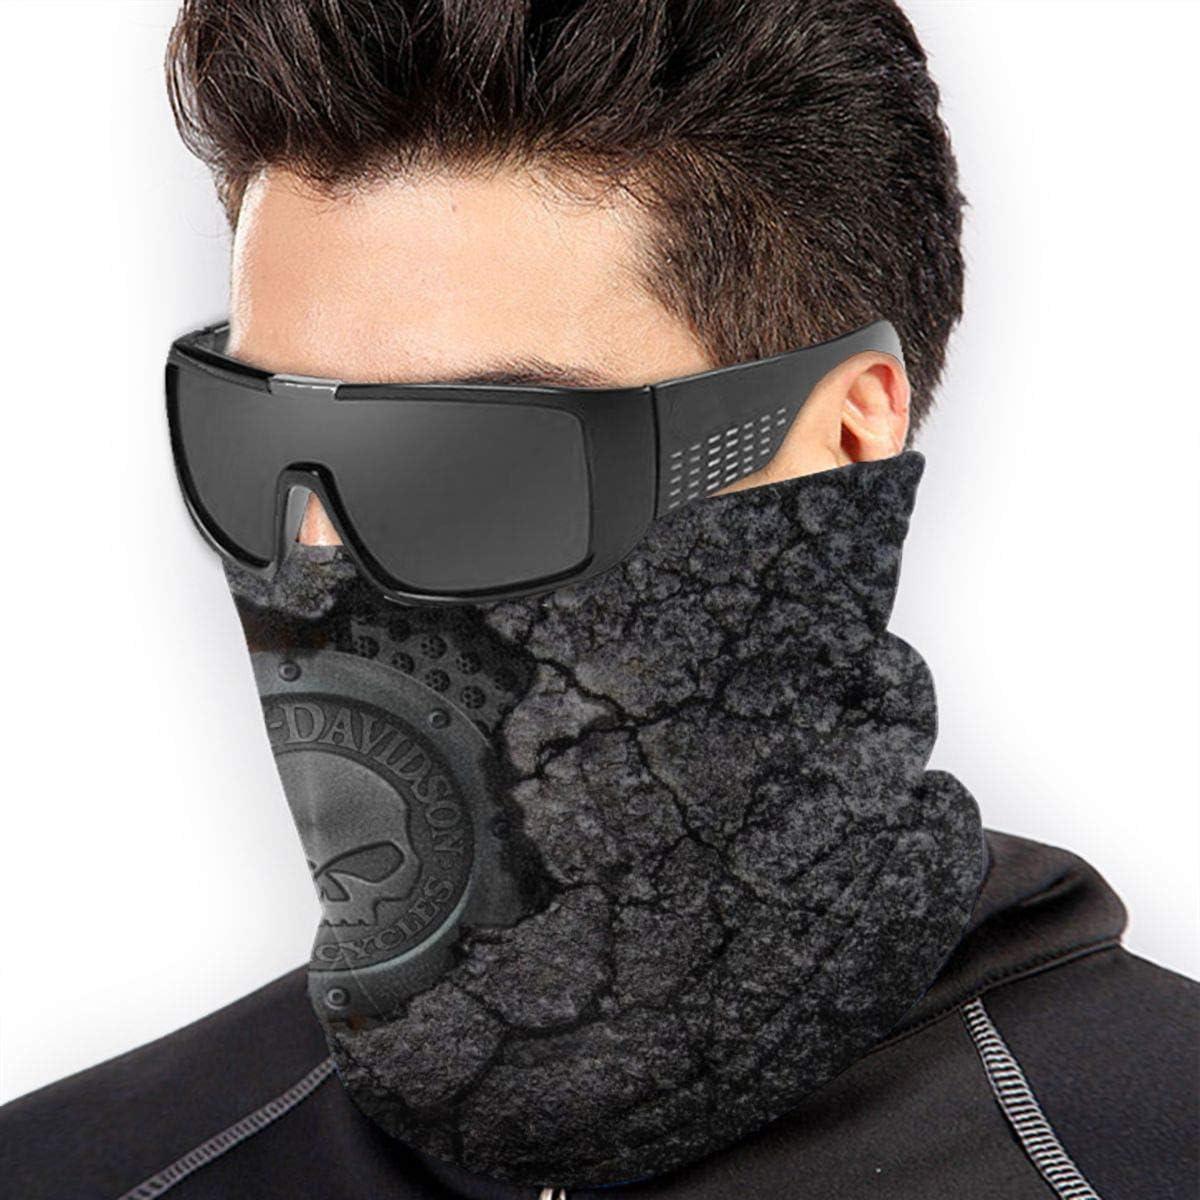 BGNHG Gu/être cache-cou Harley David-Son Logo /Écharpe en microfibre douce pour les chapeaux pour le froid et lhiver pour les femmes